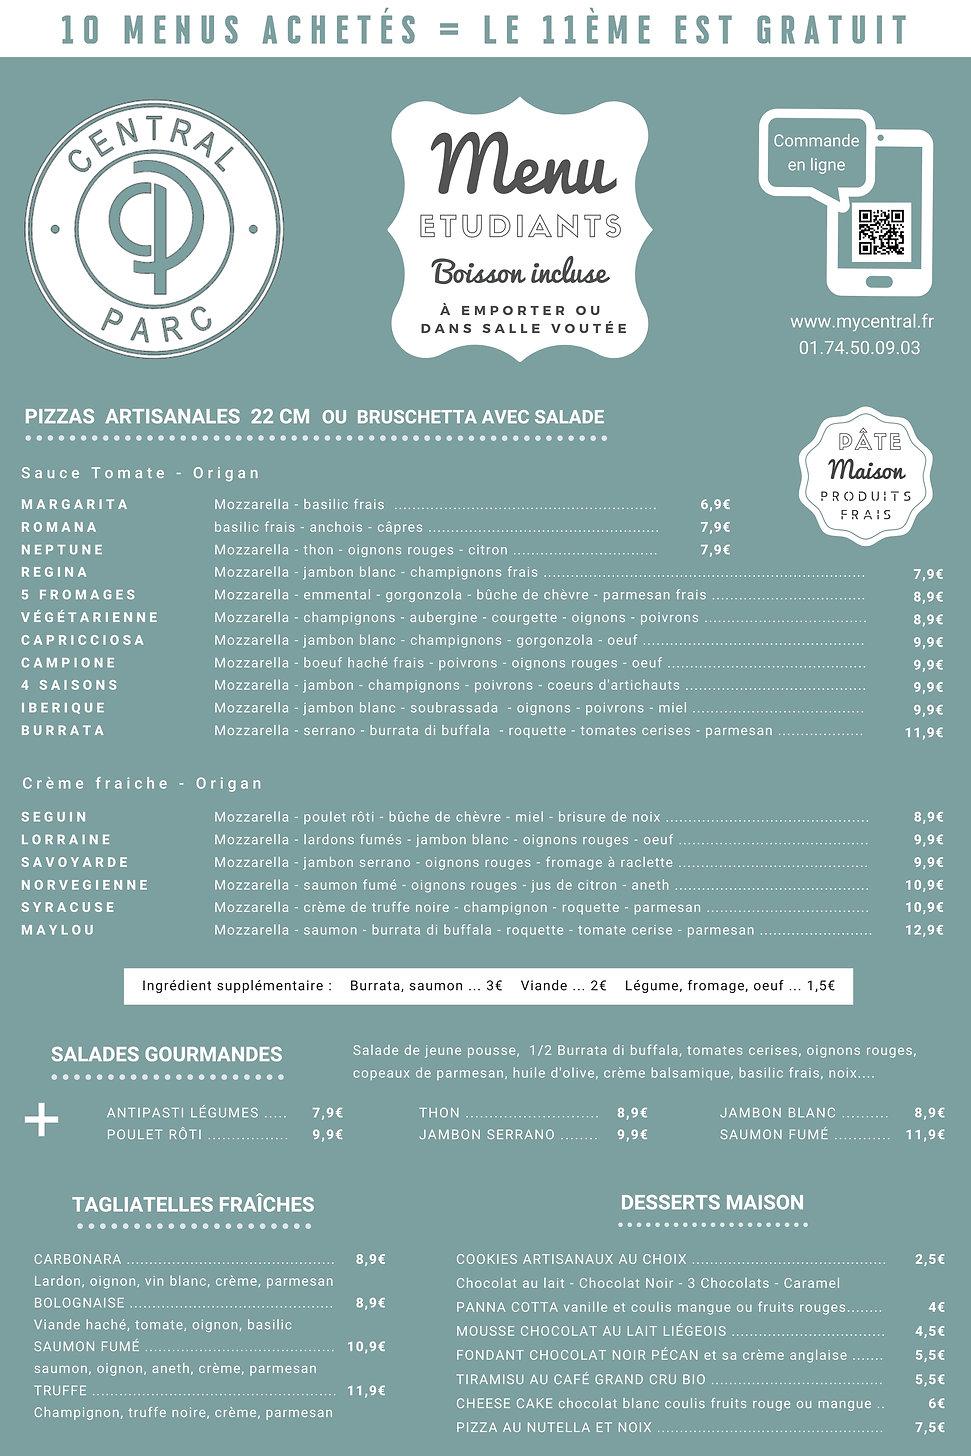 menu-etudiant-central-parc.jpg